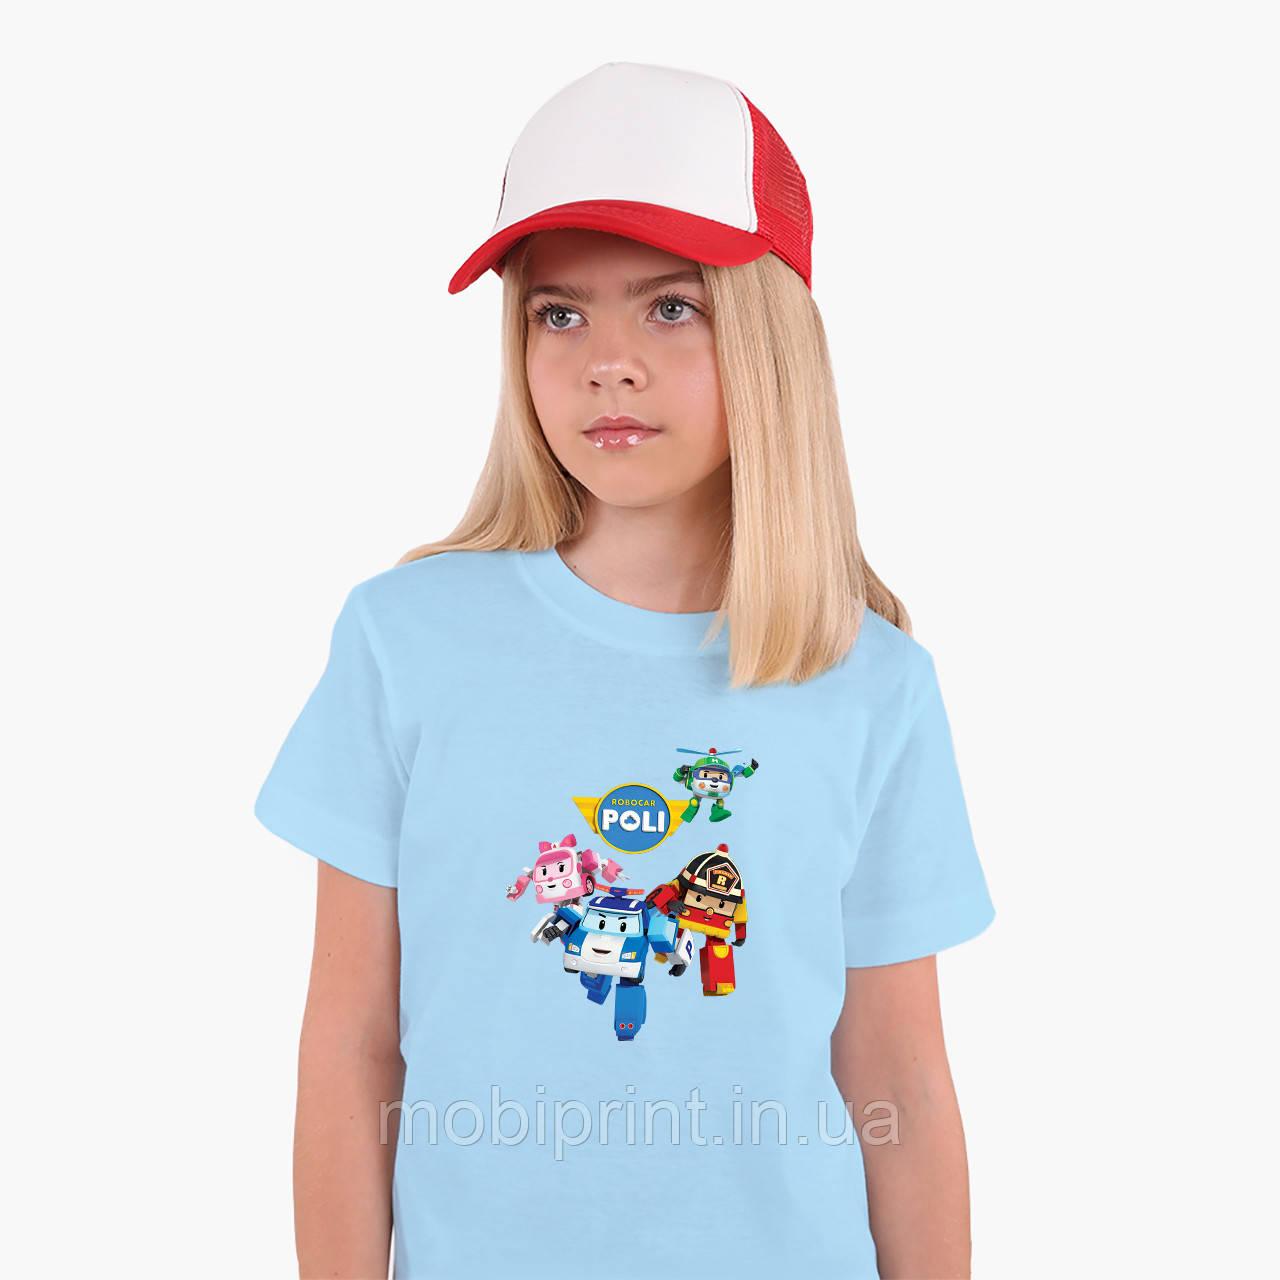 Детская футболка для девочек Робокар Поли (Robocar Poli) (25186-1618) Голубой